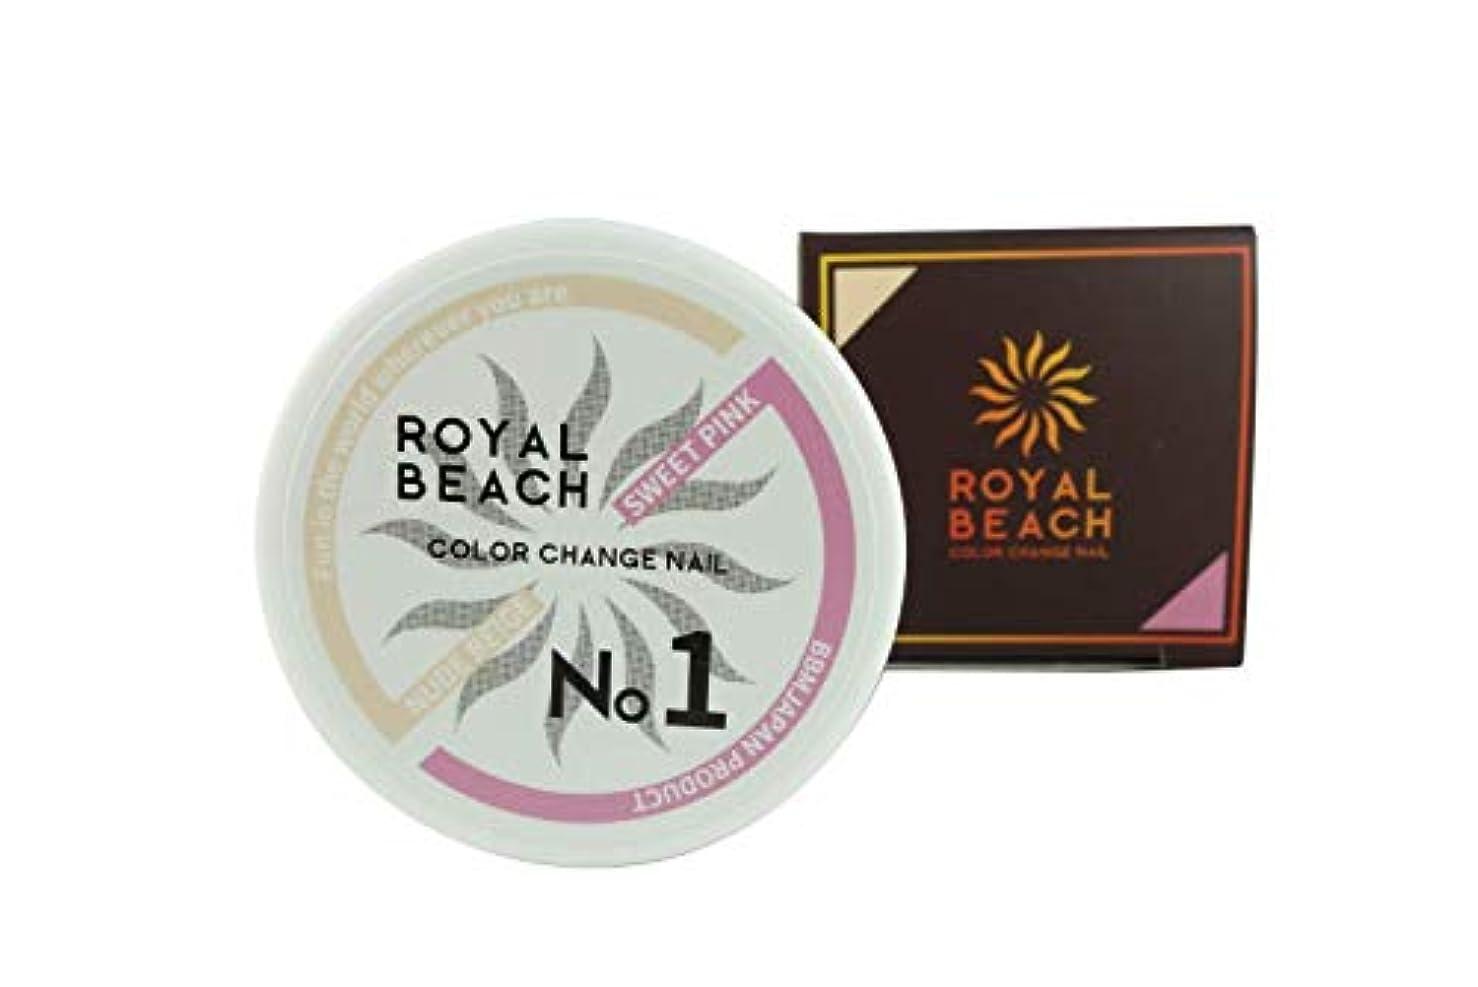 ROIYALBEACH (ロイヤルビーチ) カラーチェンジ ジェルネイル 太陽で色が変わるジェルネイル 全10種 ネイルデザイン ジェルネイル (ヌードベージュ & スイートピンク)